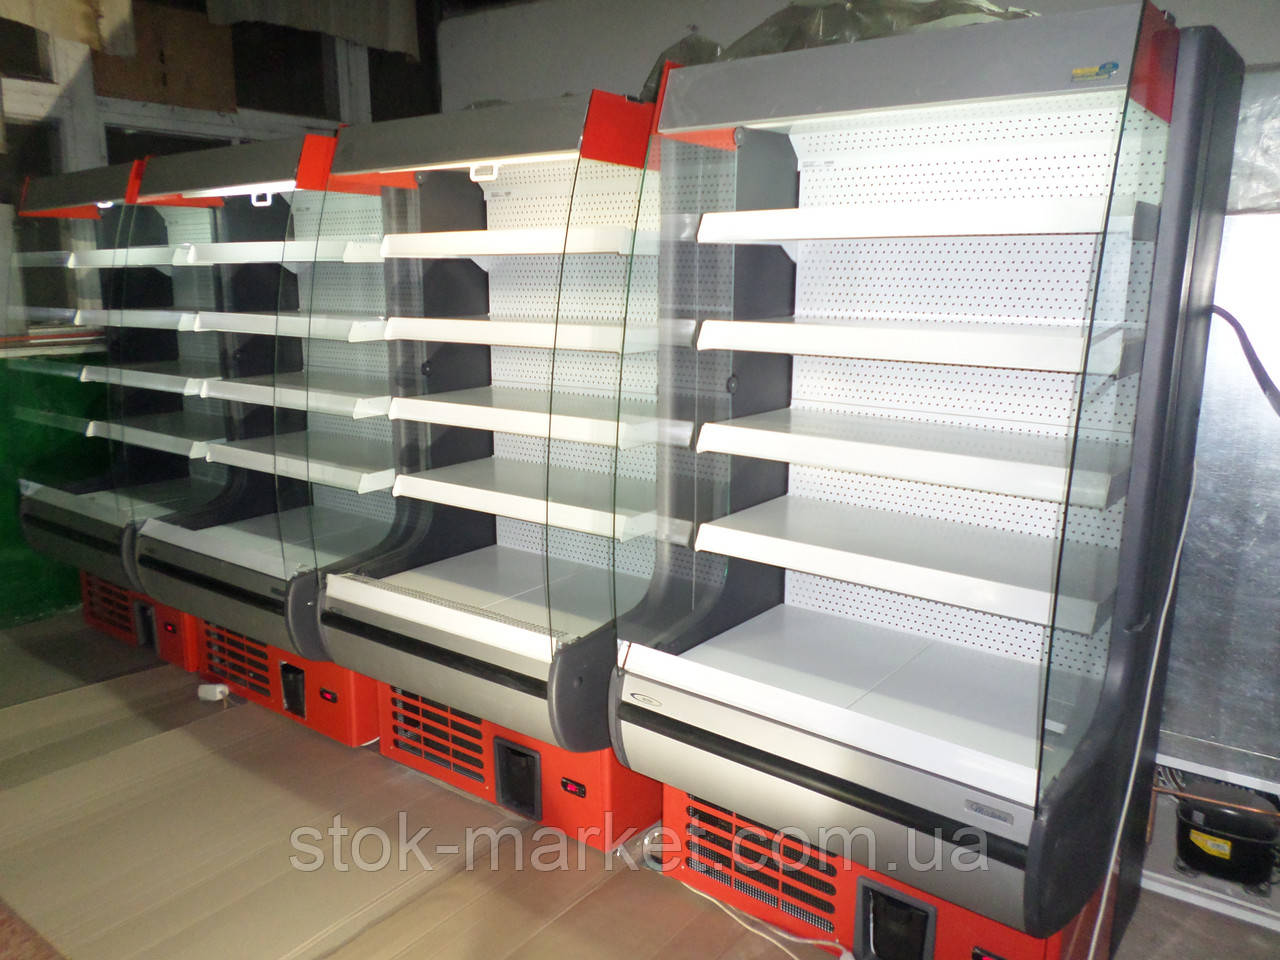 Холодильная витрина Росс-Modena б у, витрина холодильная б у, холодильные витрины б у, холодильный стеллаж б у